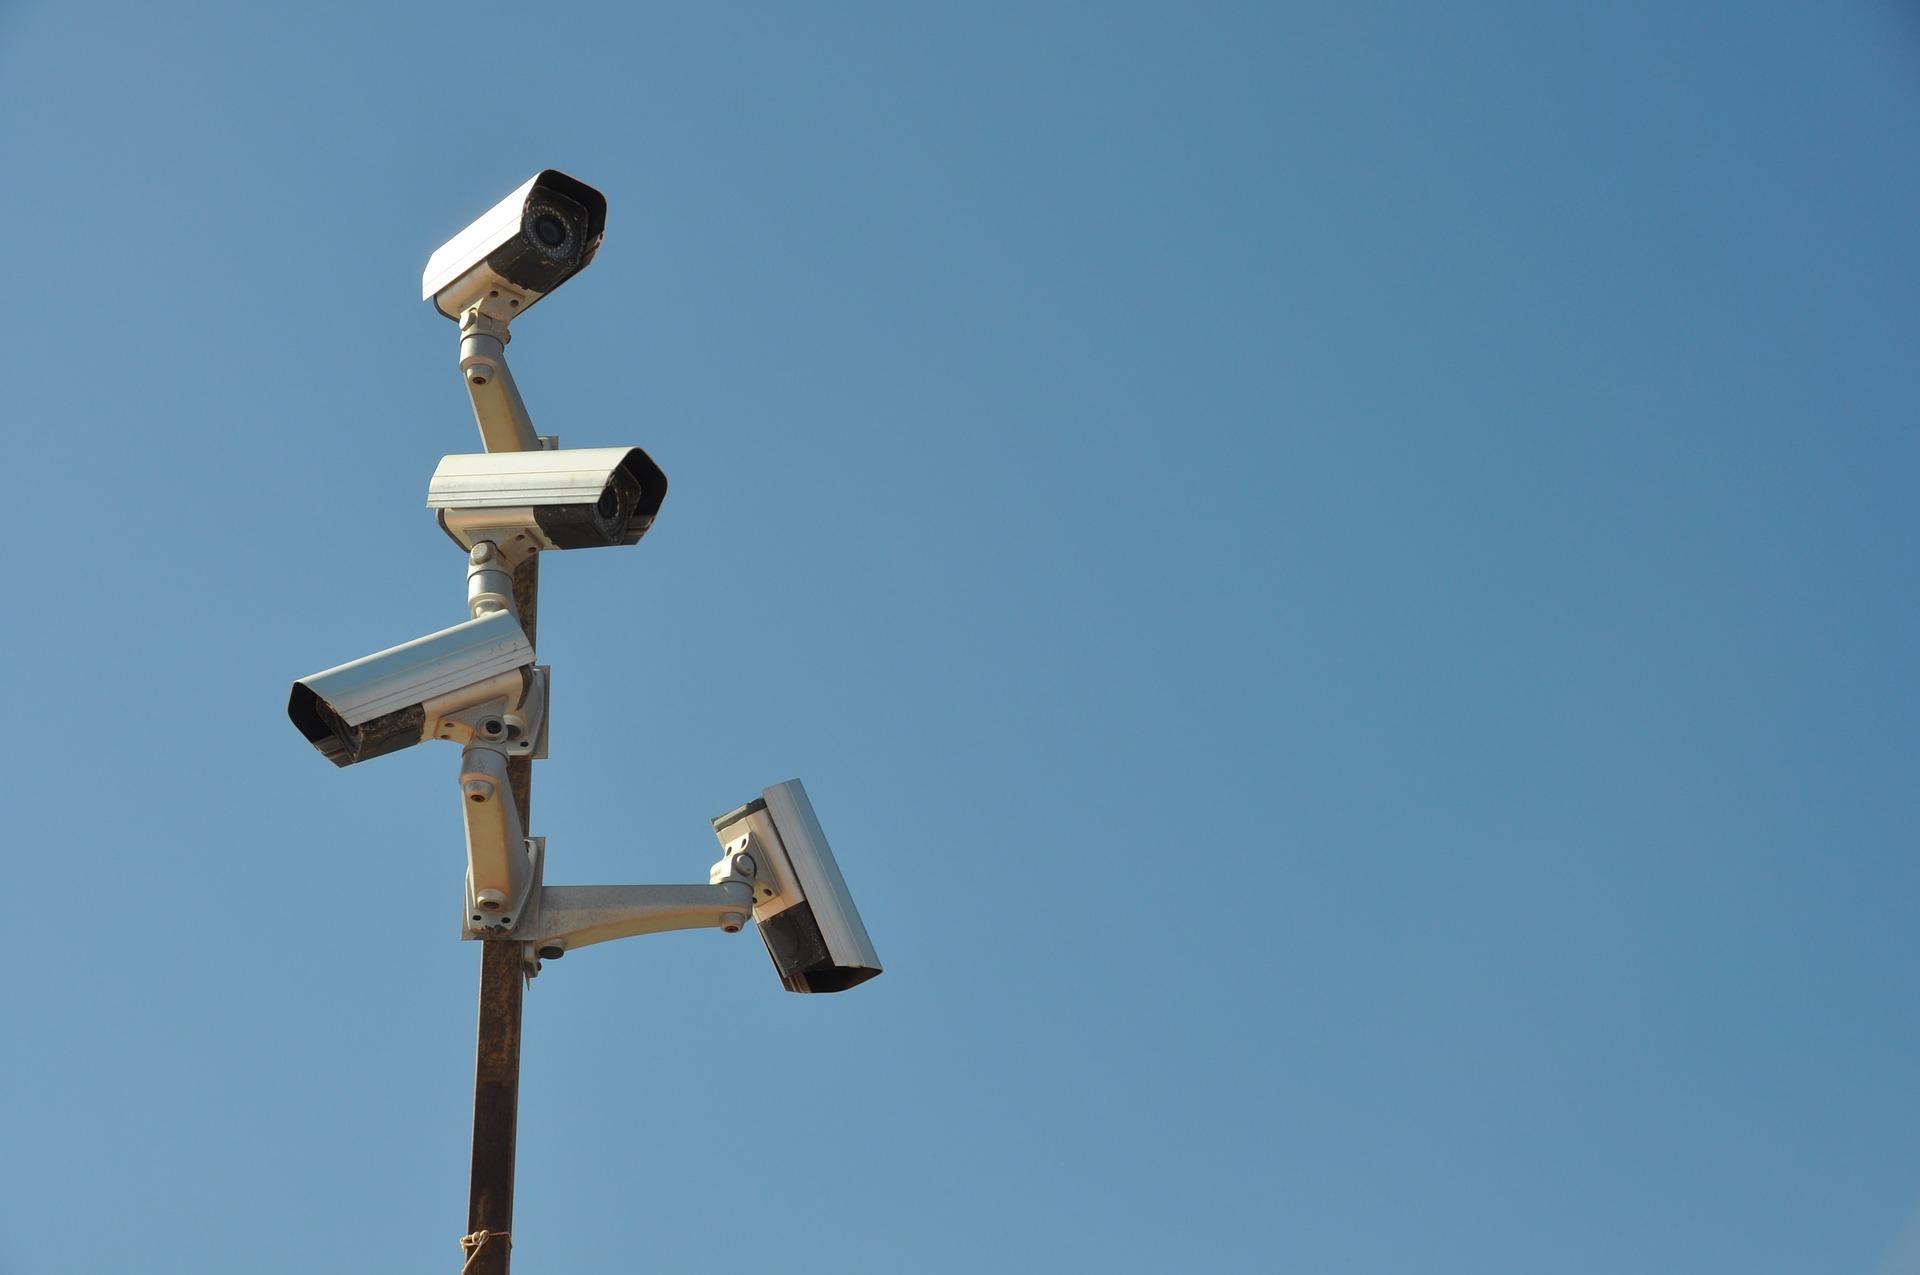 Videosorveglianza: cosa fare per finalità non previste nell'autorizzazione?